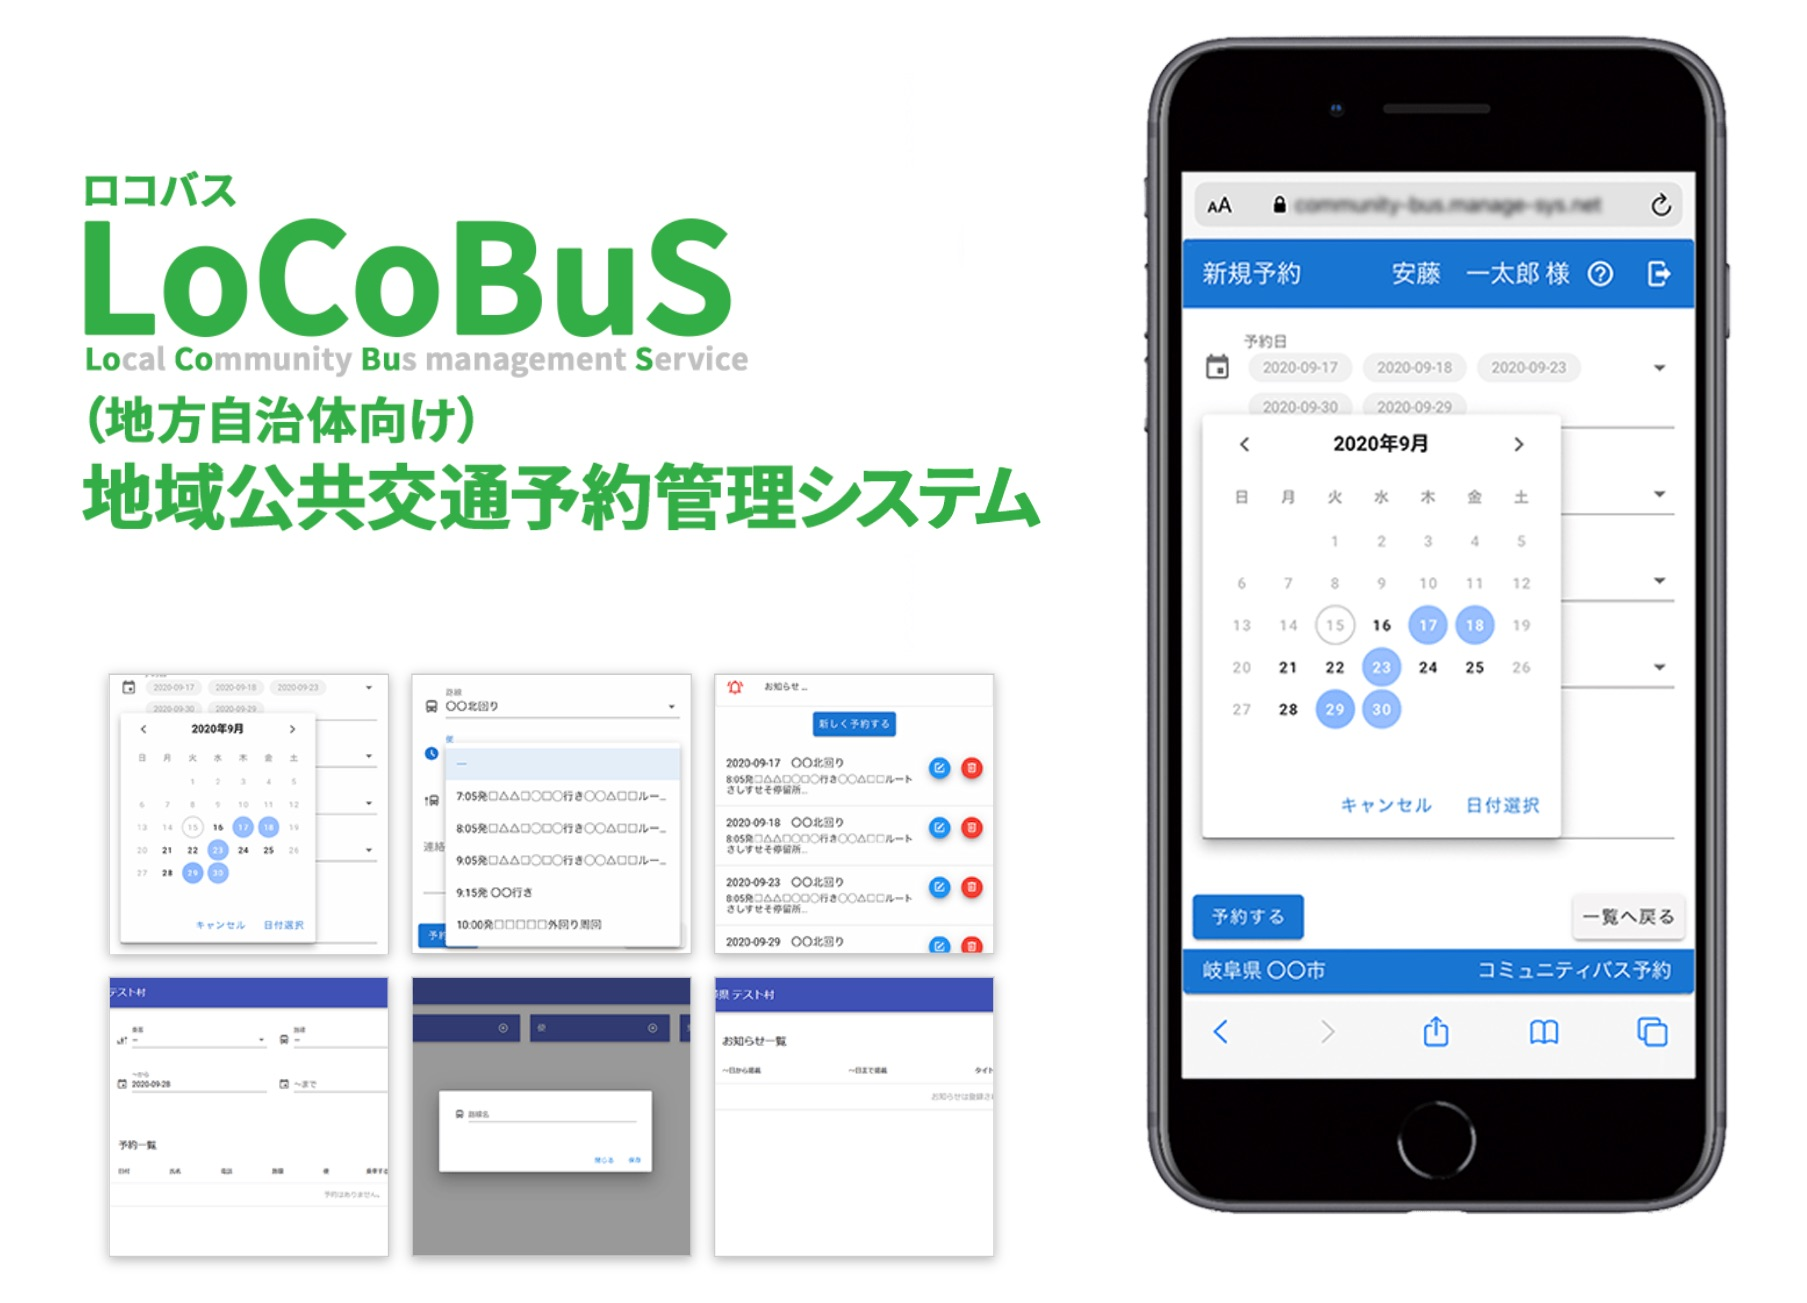 地方自治体向けコミュニティバス予約管理サービス「LoCoBuS(ロコバス)」